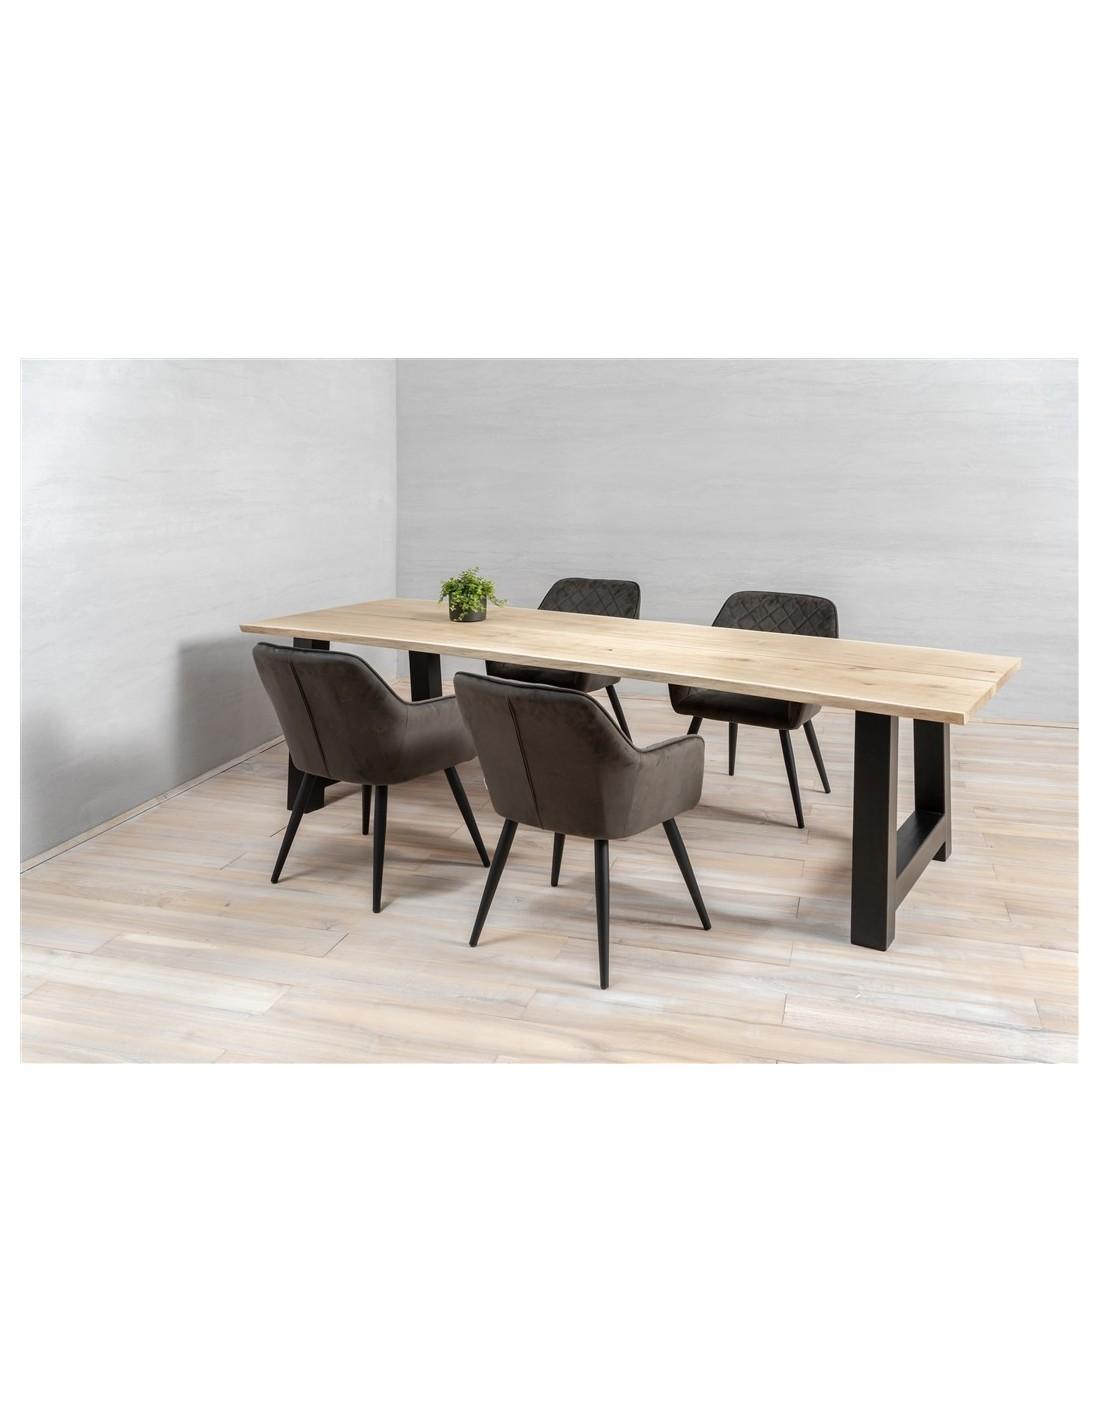 Dining Table Metal Legs In Solid Oak, Dining Room Table Metal Legs